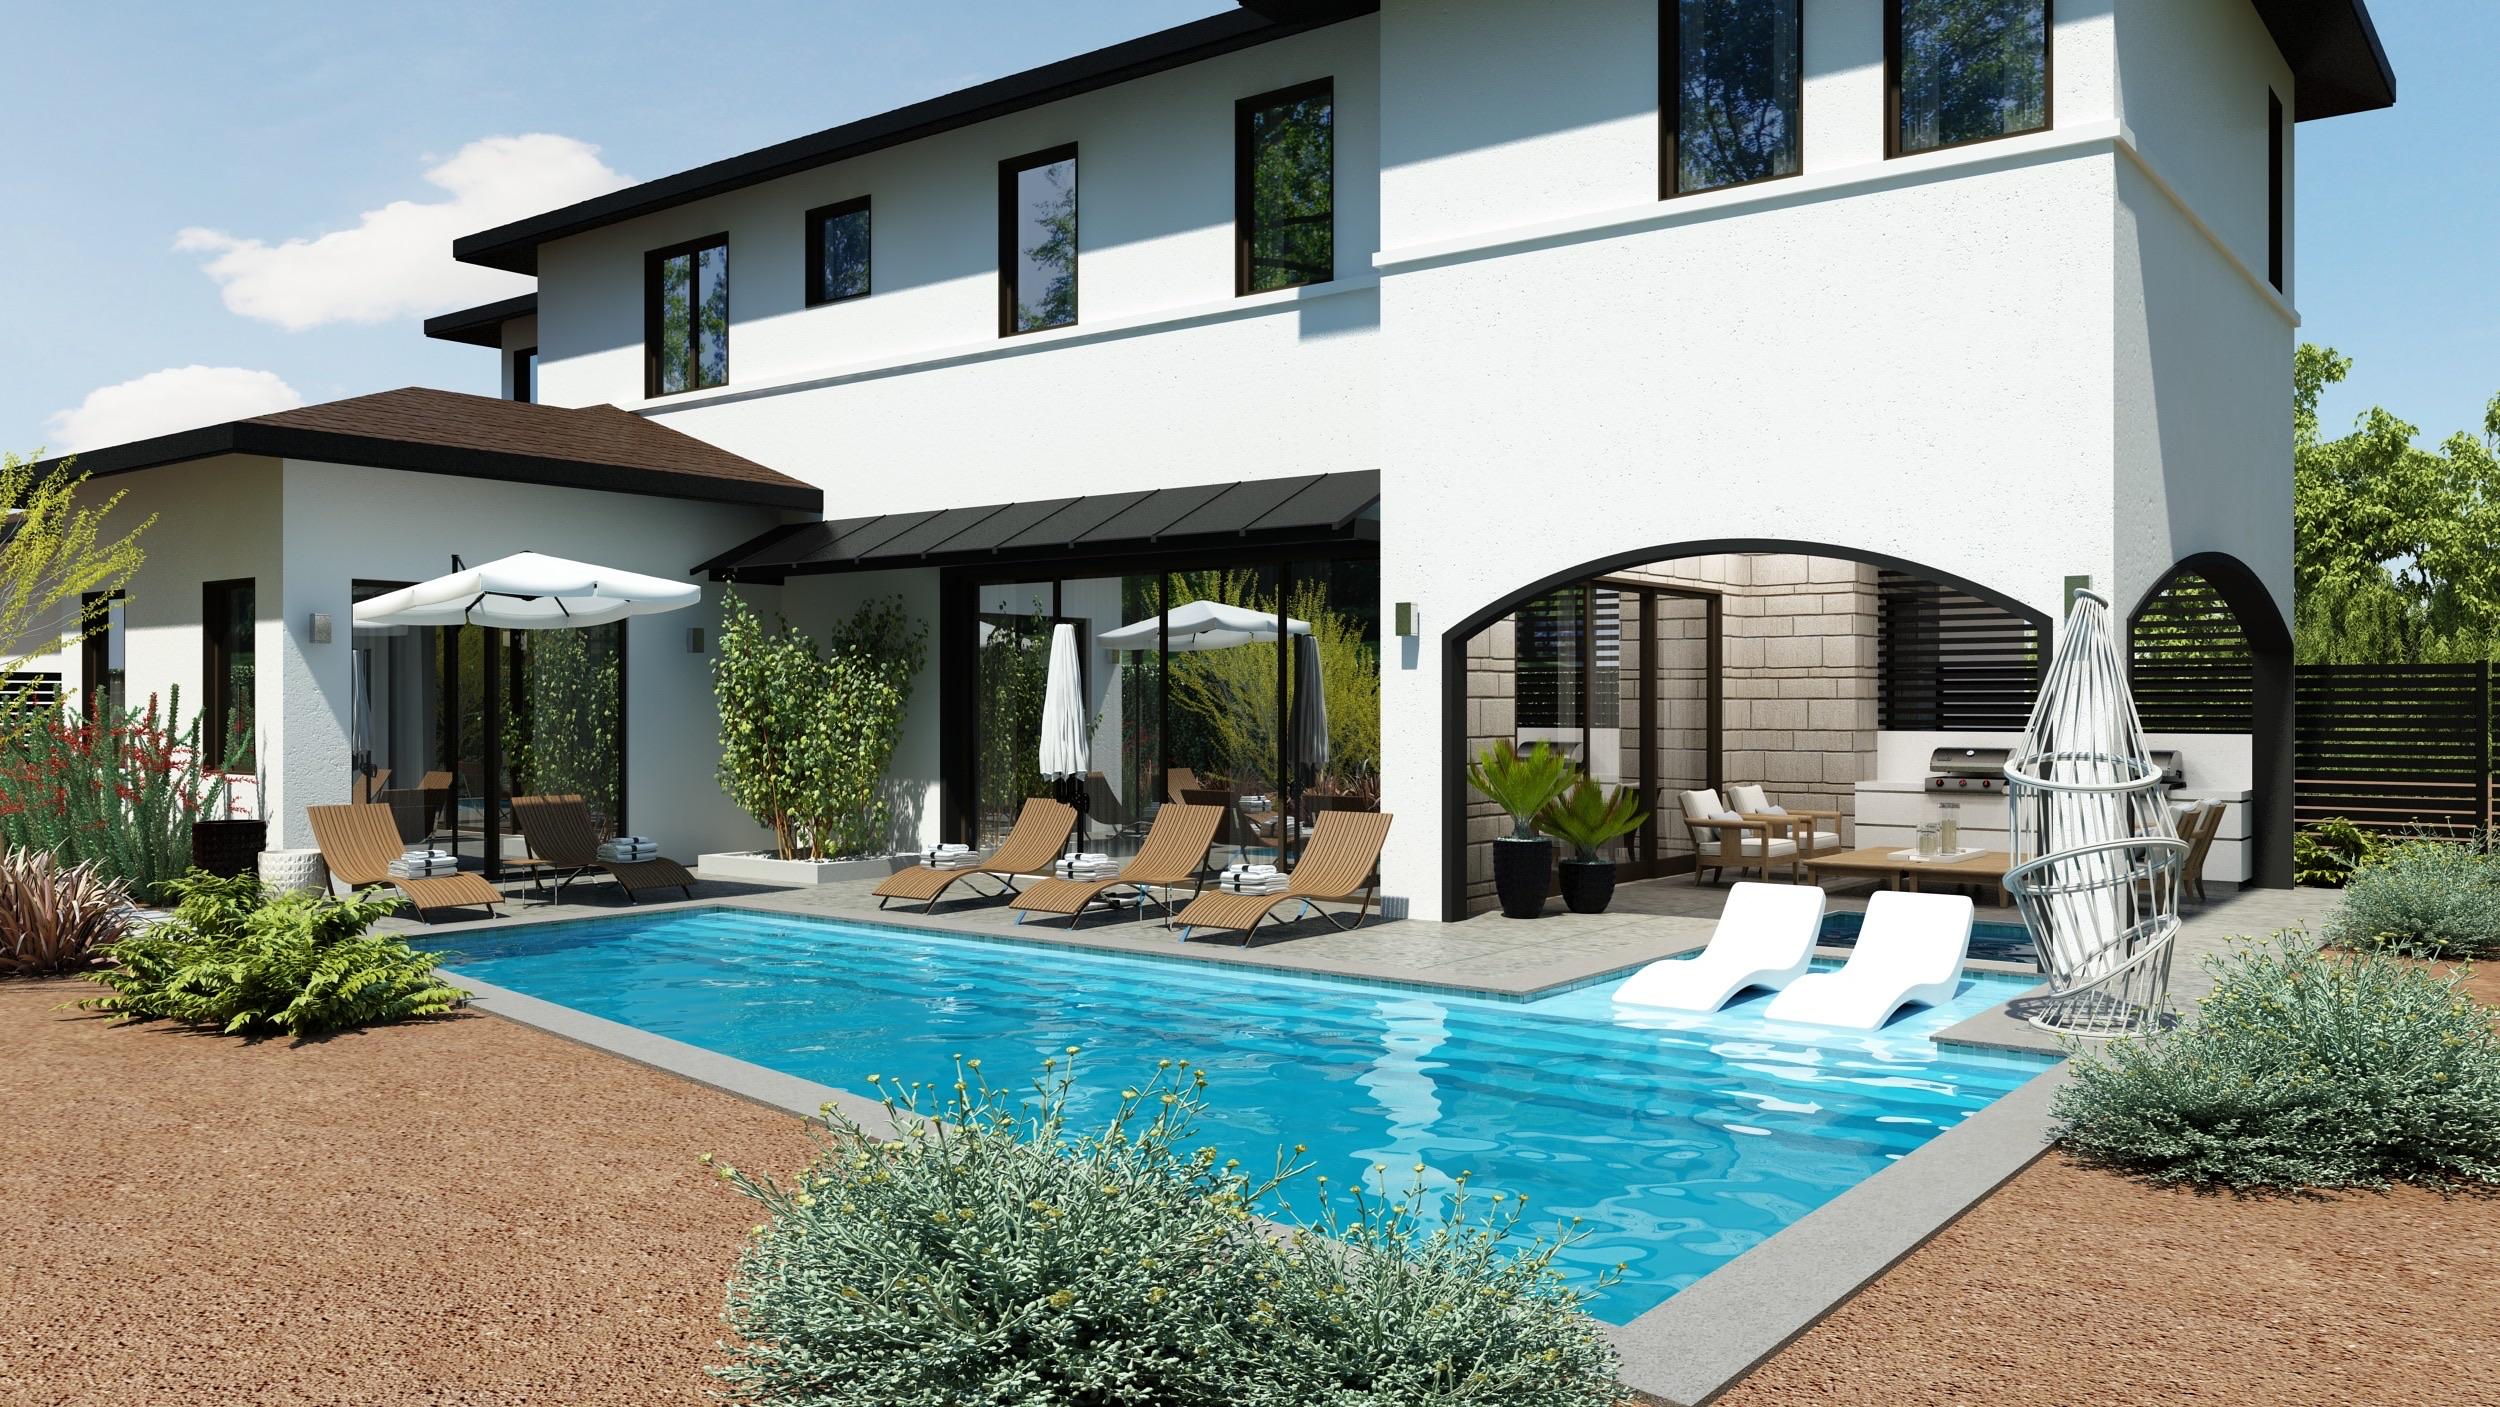 Gorgeous Pool for Entertaining